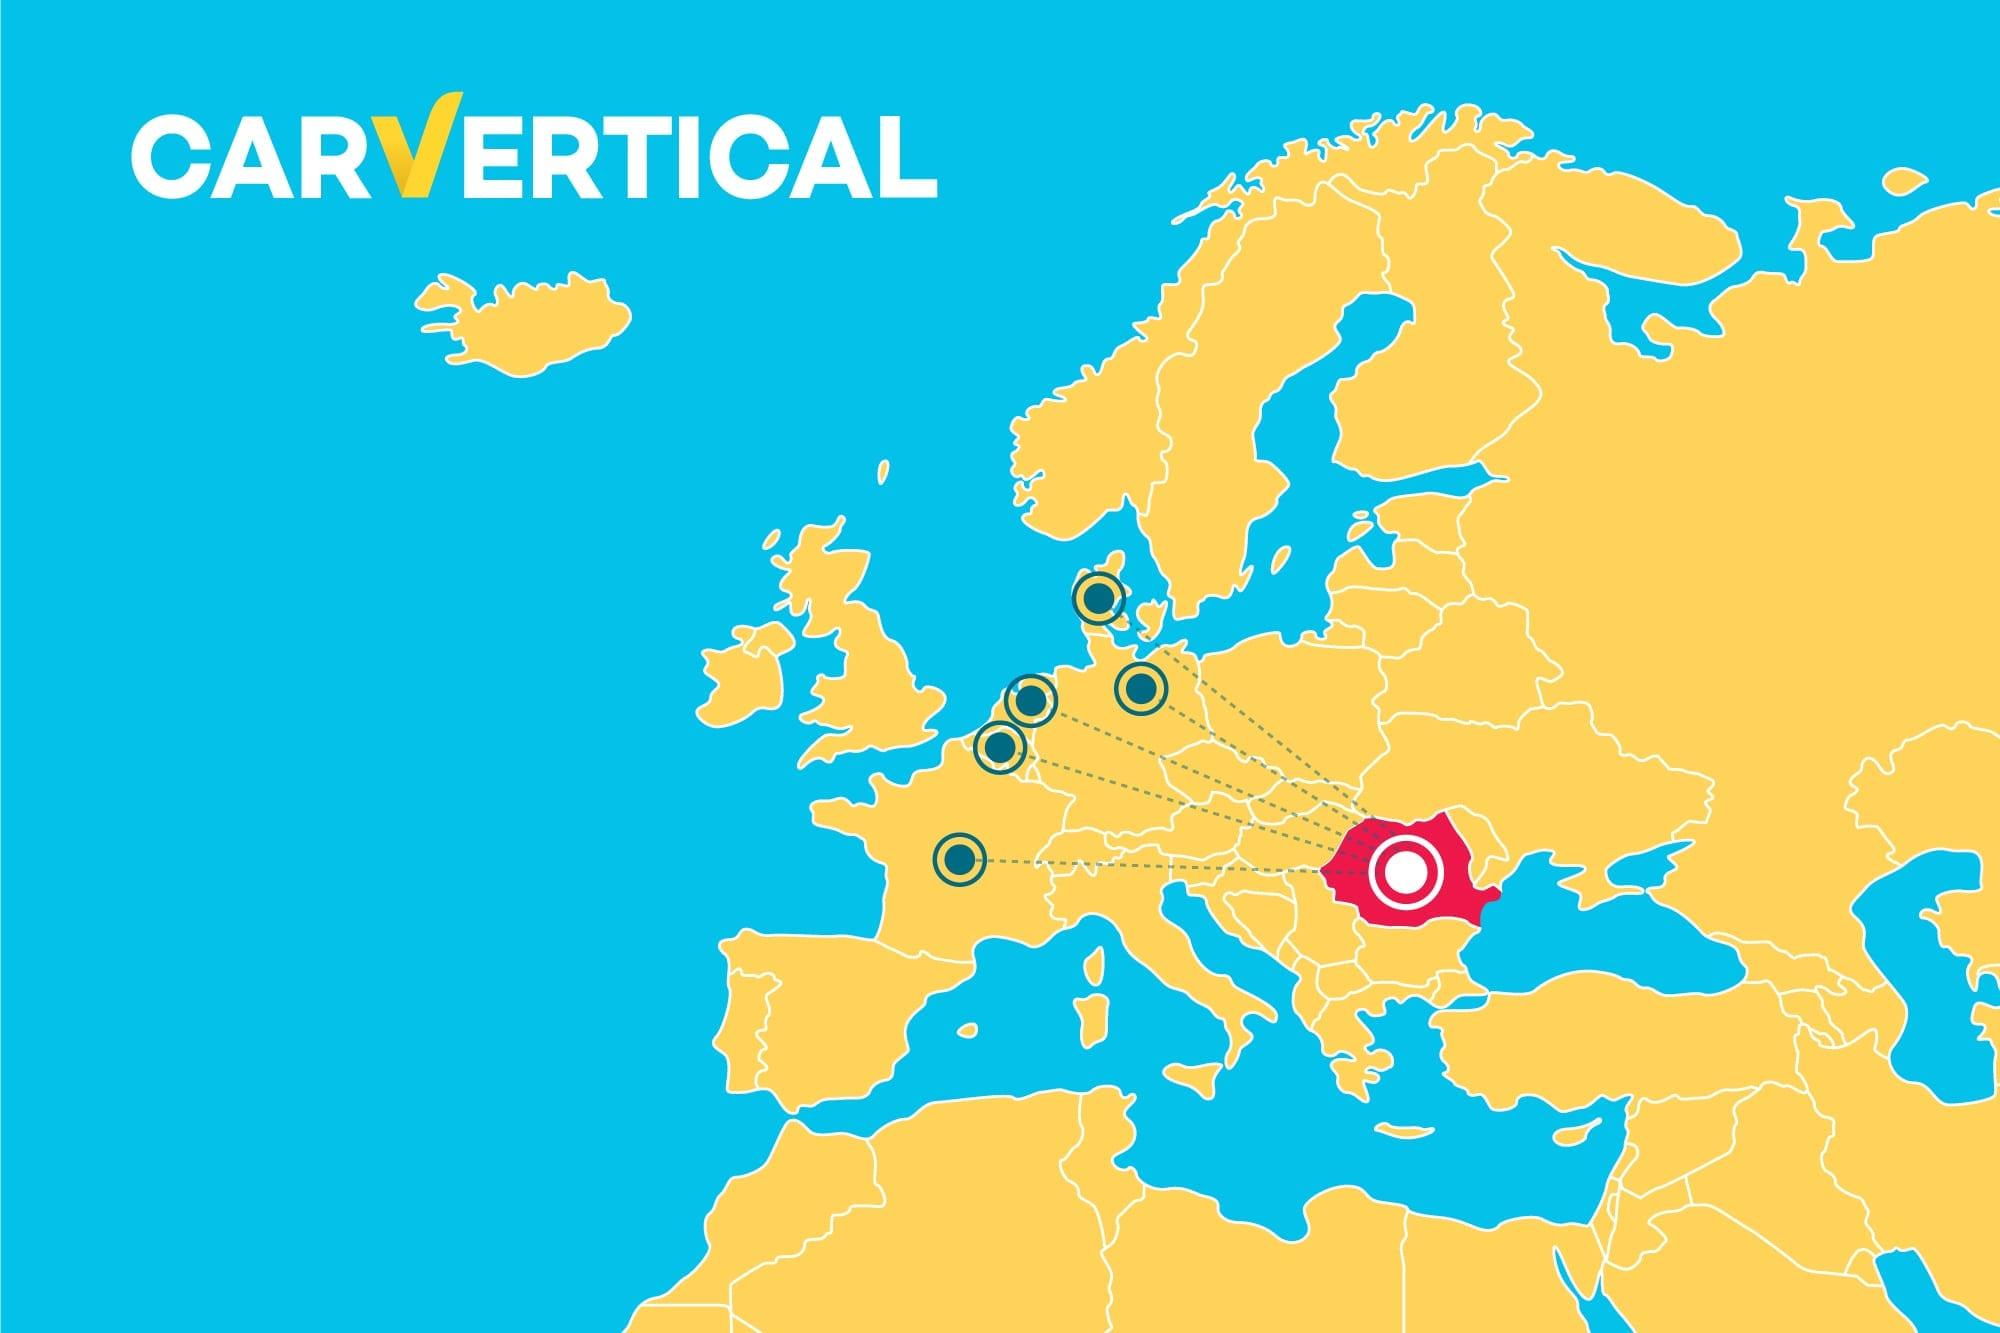 Concluzii Verificare Vin prin carVertical: Kilometrajul dat înapoi în medie cu 59.000 de km